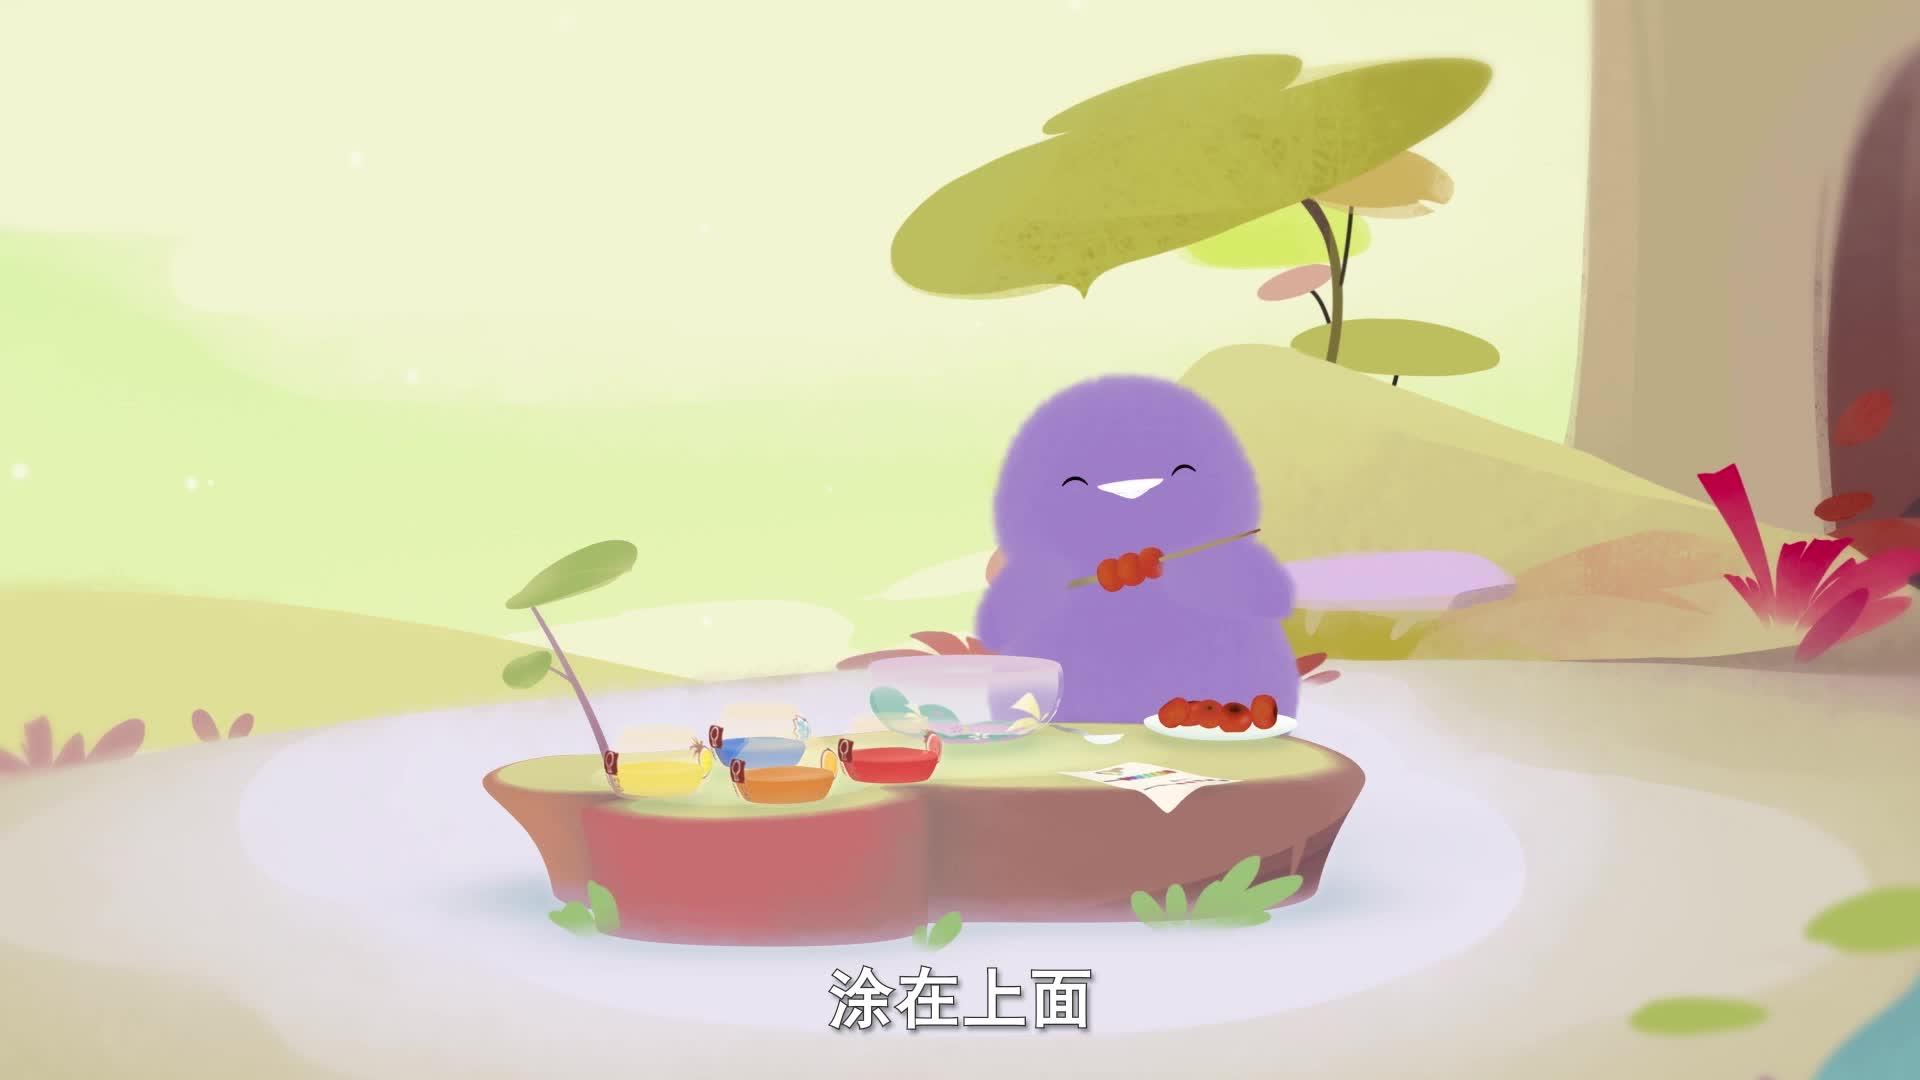 《小鸡彩虹》 第六季 15厉害的小紫